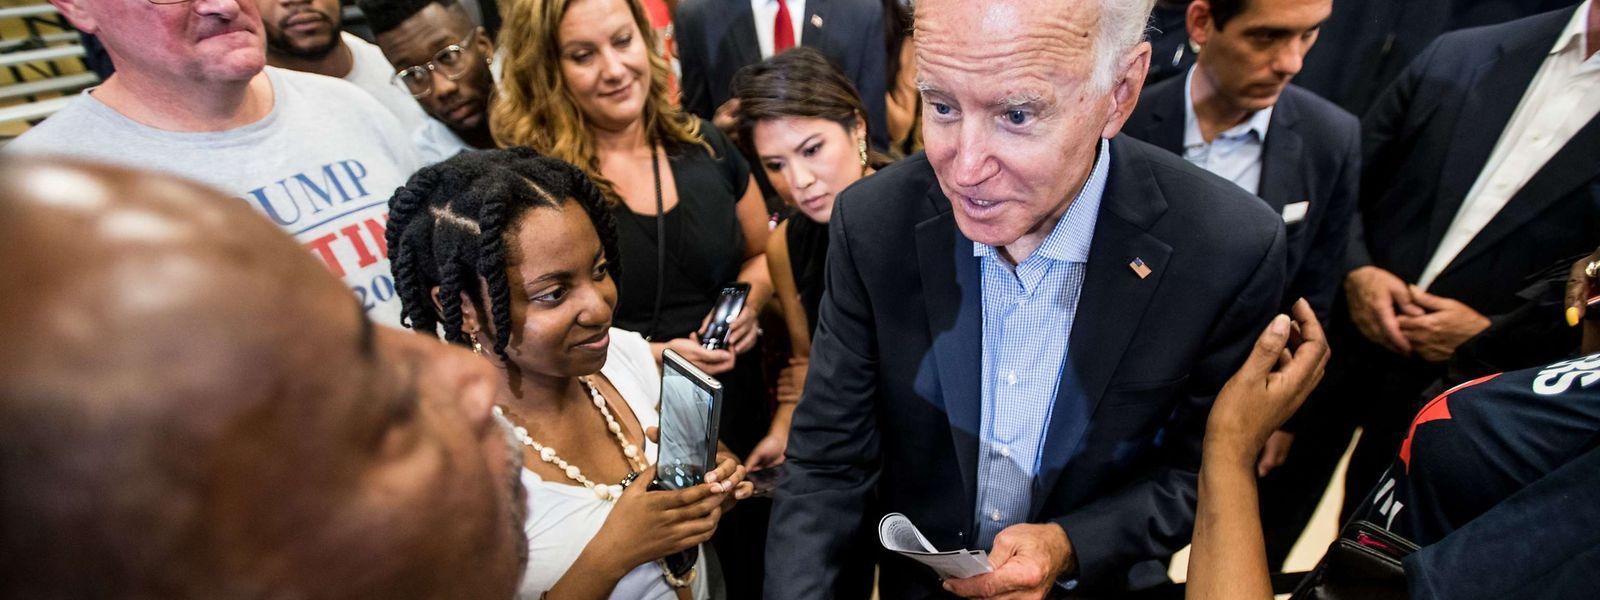 Biden gilt als einer der aussichtsreichsten Kandidat der Demokraten im anstehenden Präsidentschaftswahlkampf.